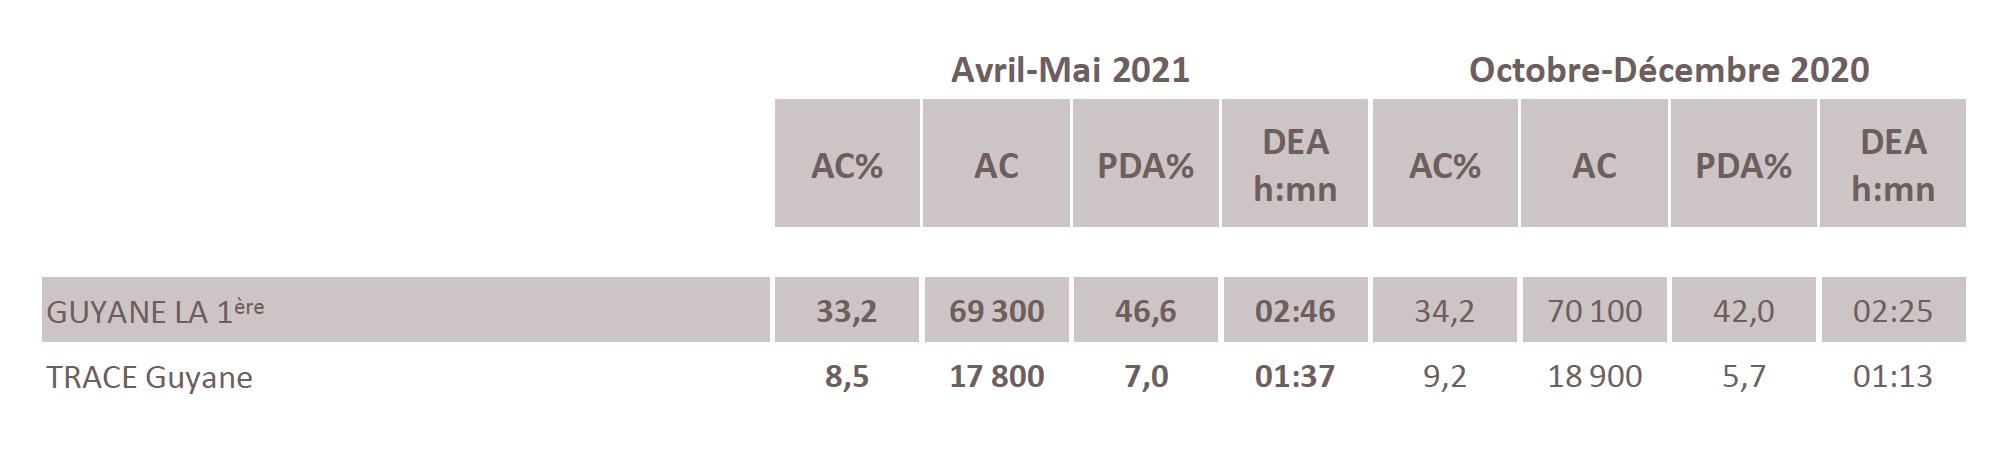 Source : Médiamétrie -Métridom Guyane Avril-Mai 2021 -13 ans et plus -Copyright Médiamétrie -Tous droits réservés